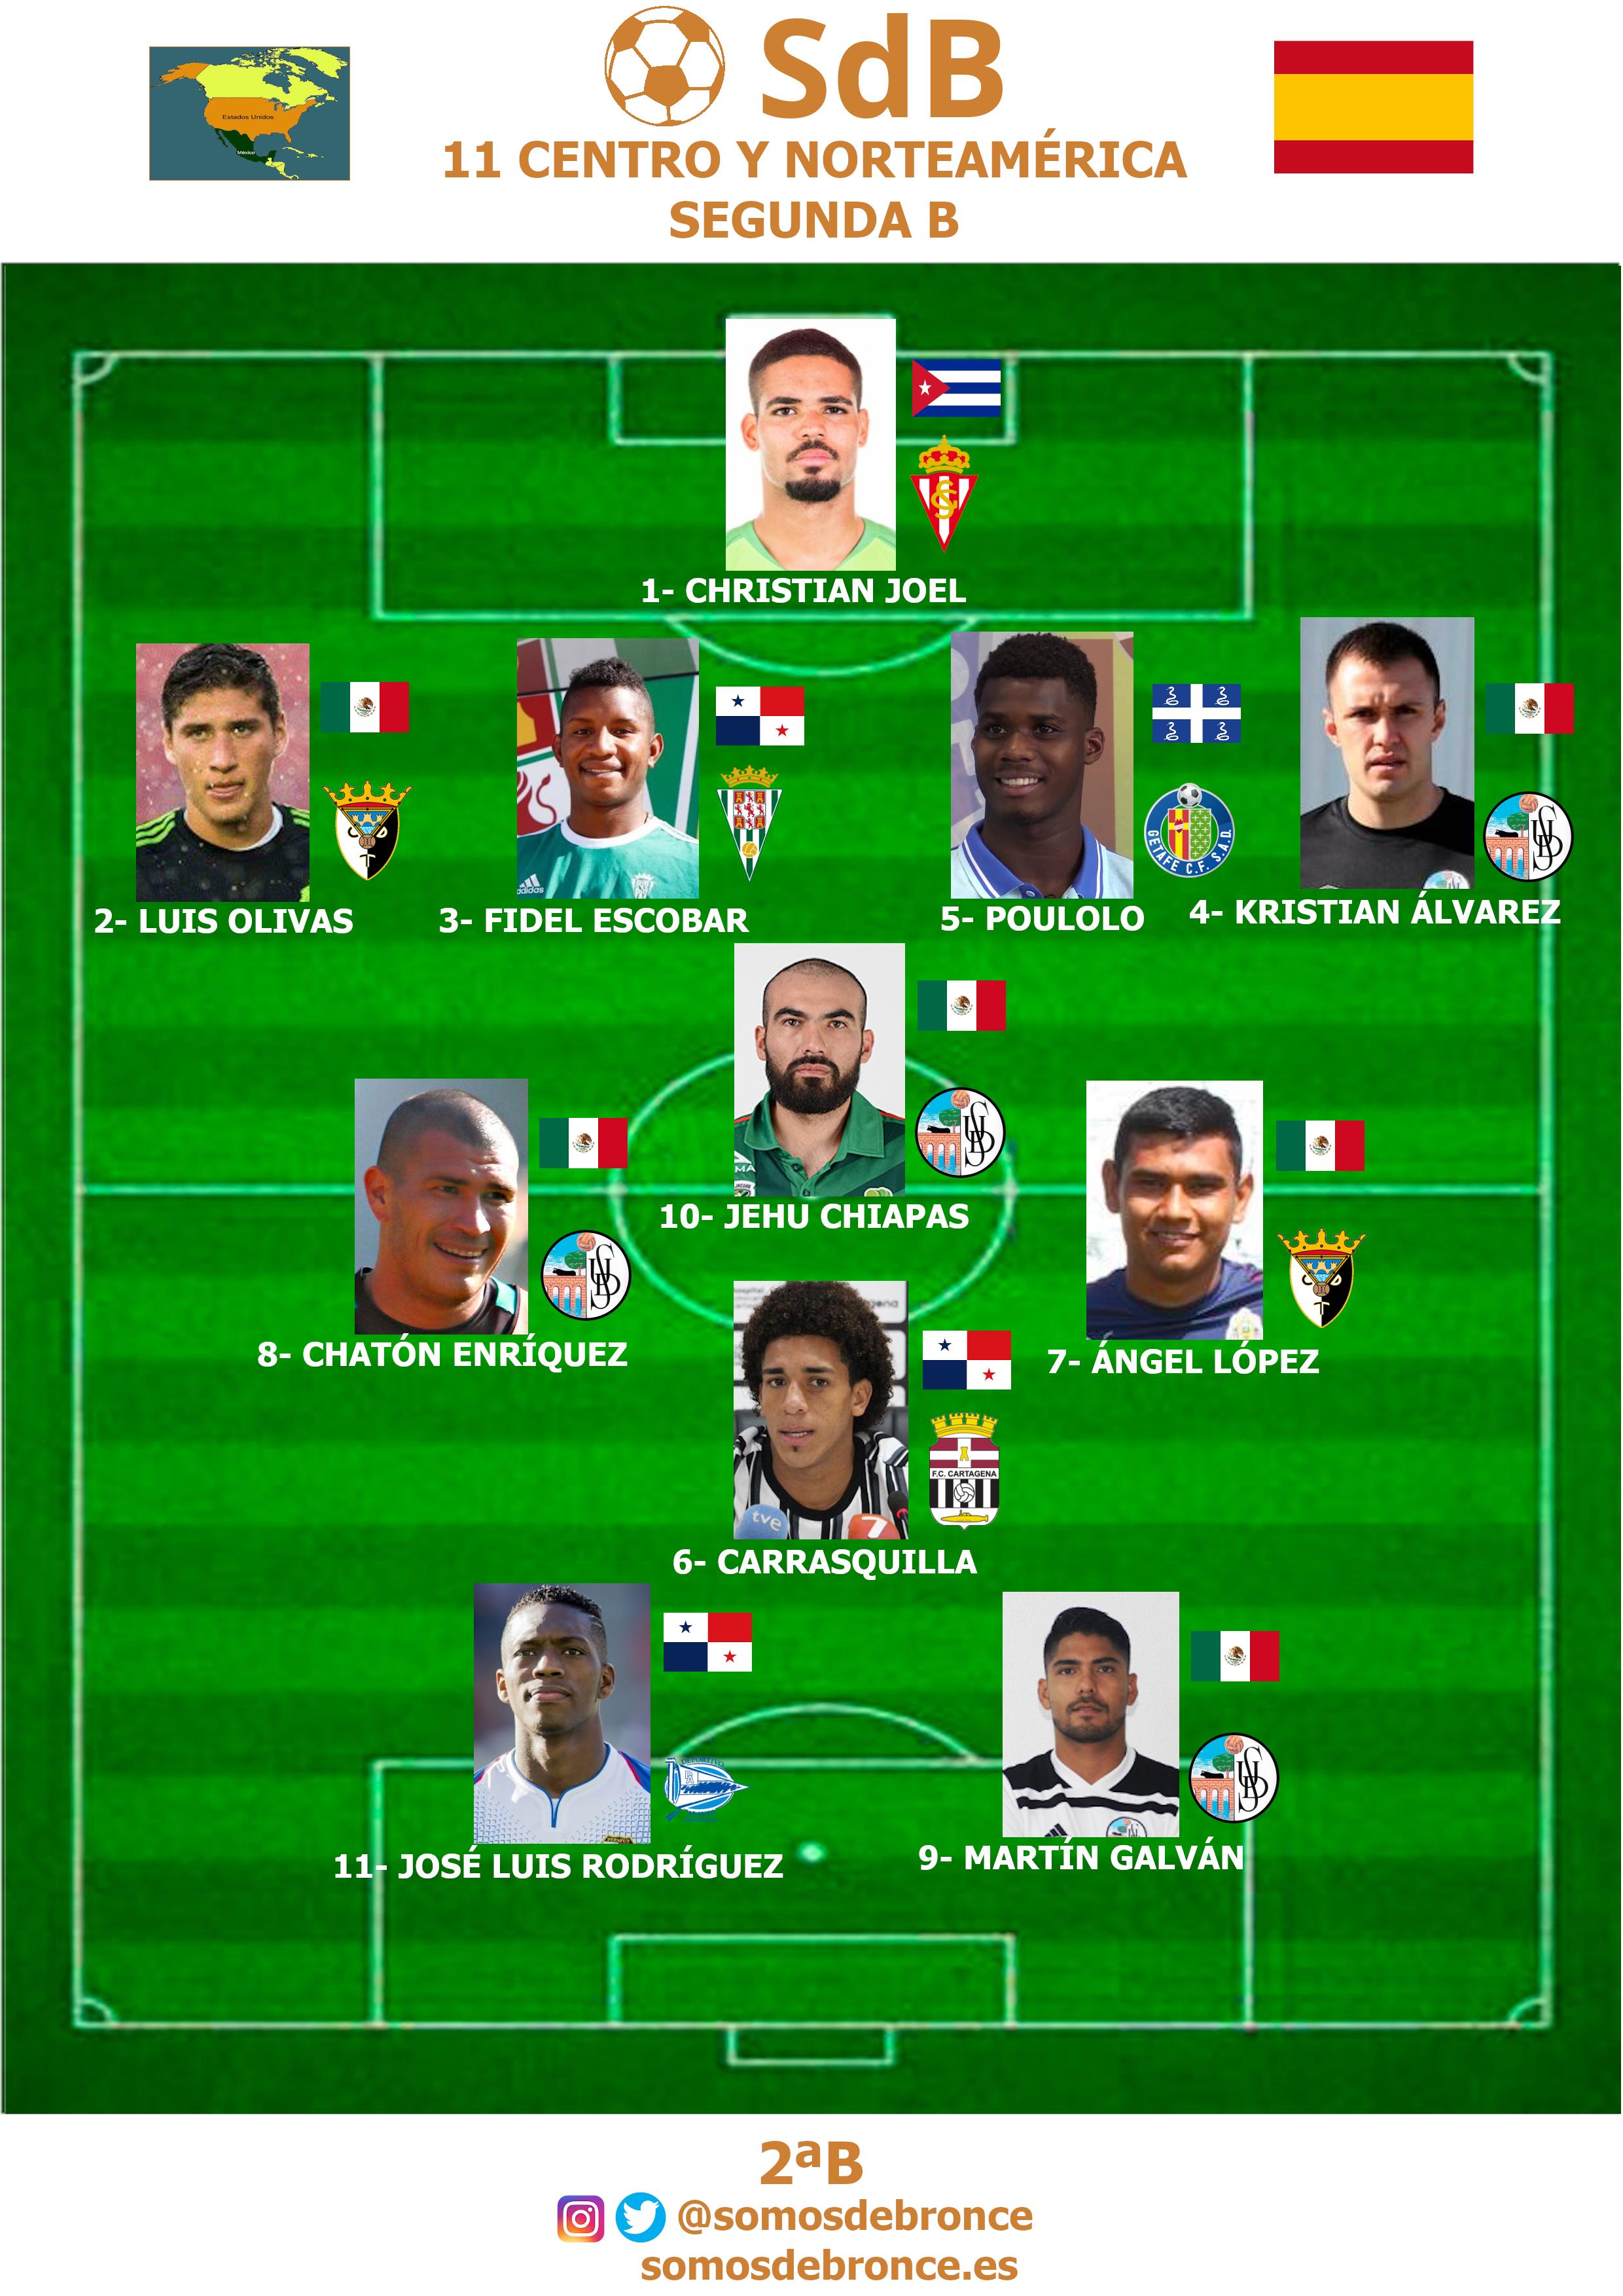 11 CENTRO Y NORTE AMÉRICA Segunda B 2019/2020